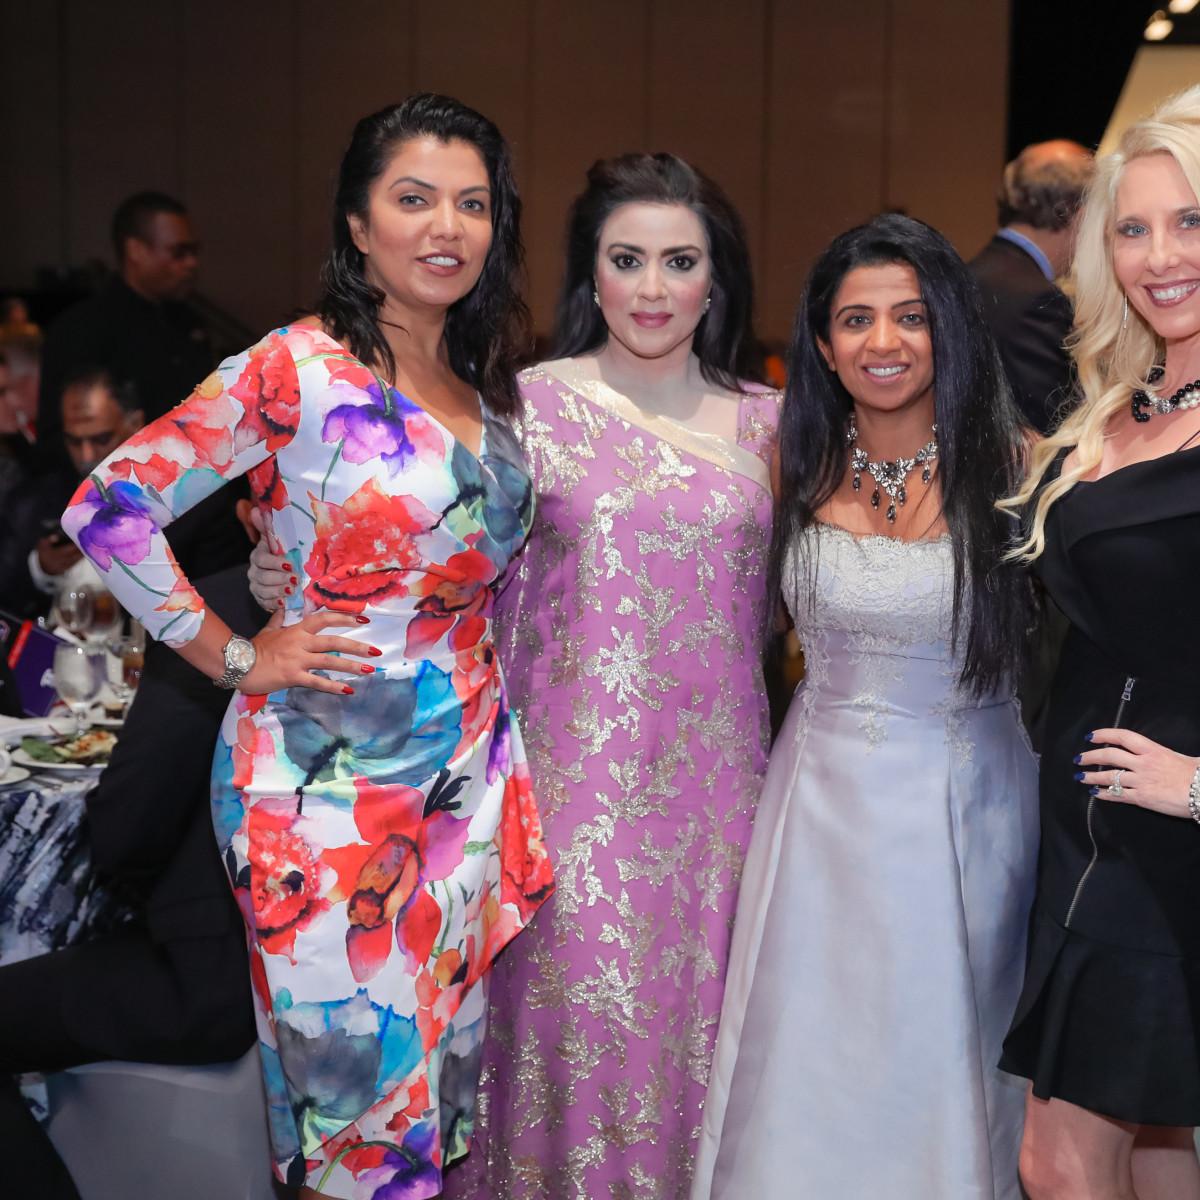 Crime Stoppers Gala 2019 Mona Khan, Maha Kahan, Farida Abjani, Tracy Faulkner